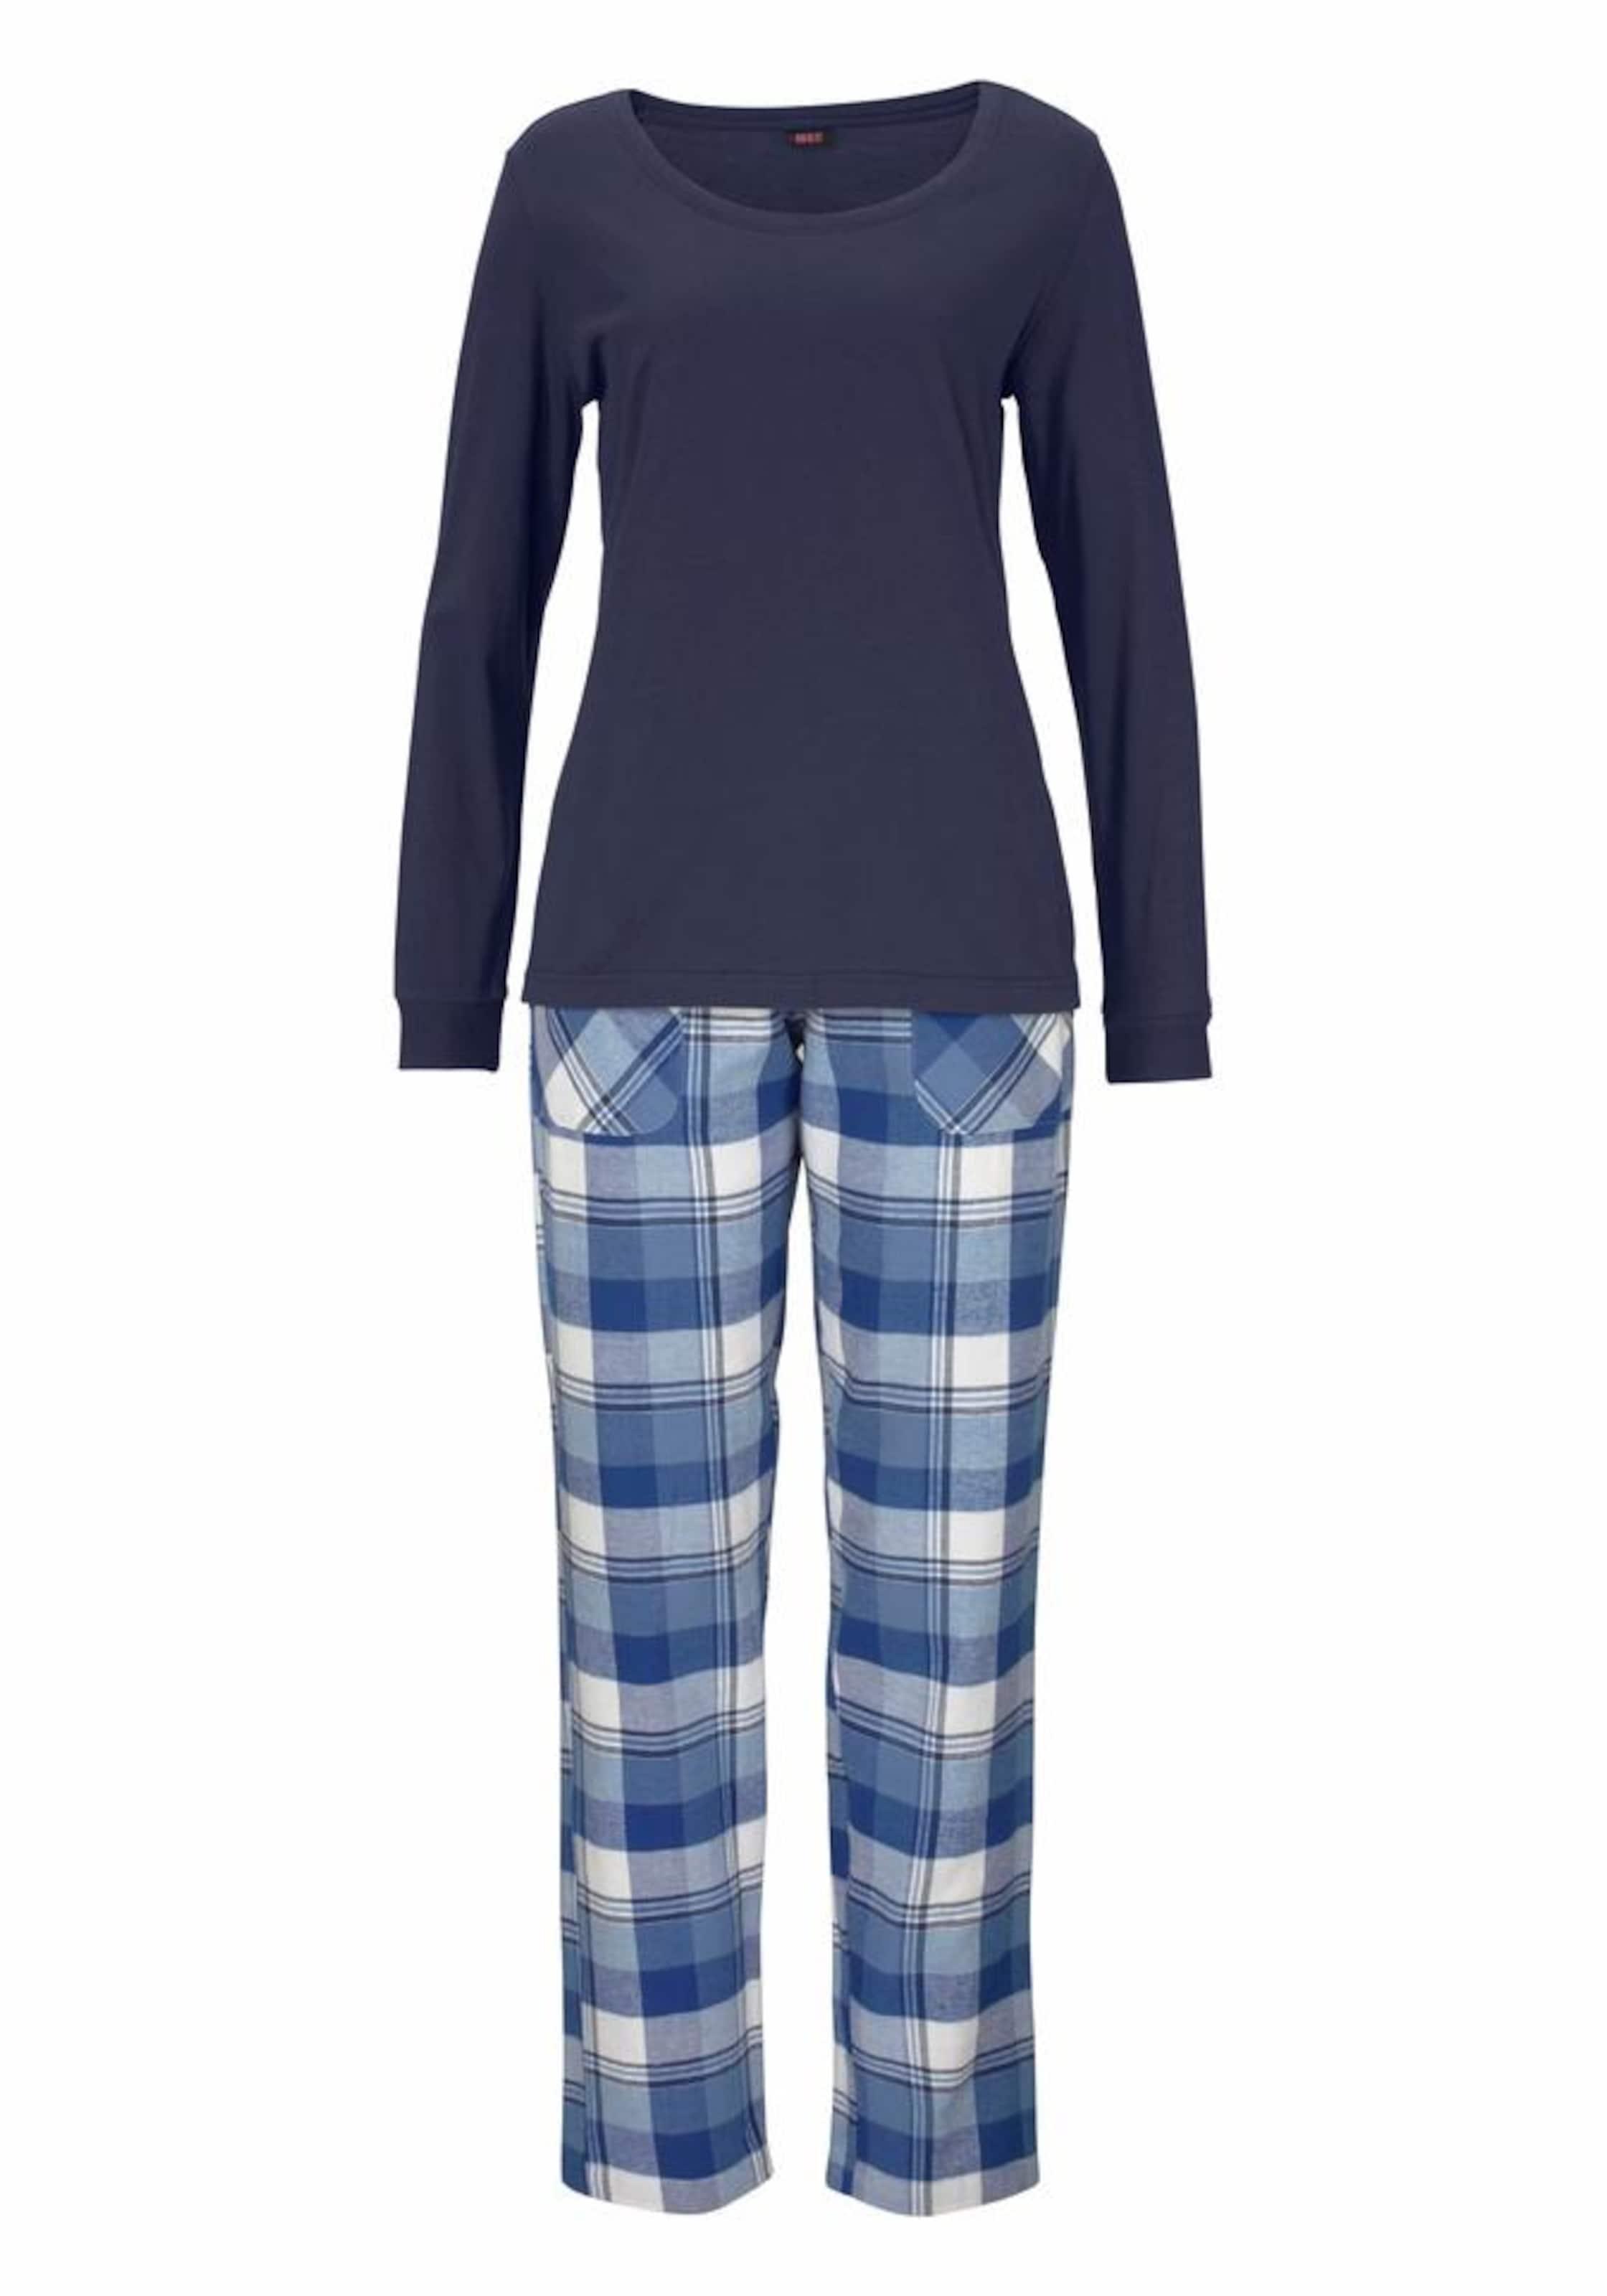 H.I.S Pyjama Die Billigsten Rabatt Limitierte Auflage Steckdose Online tMAx3A